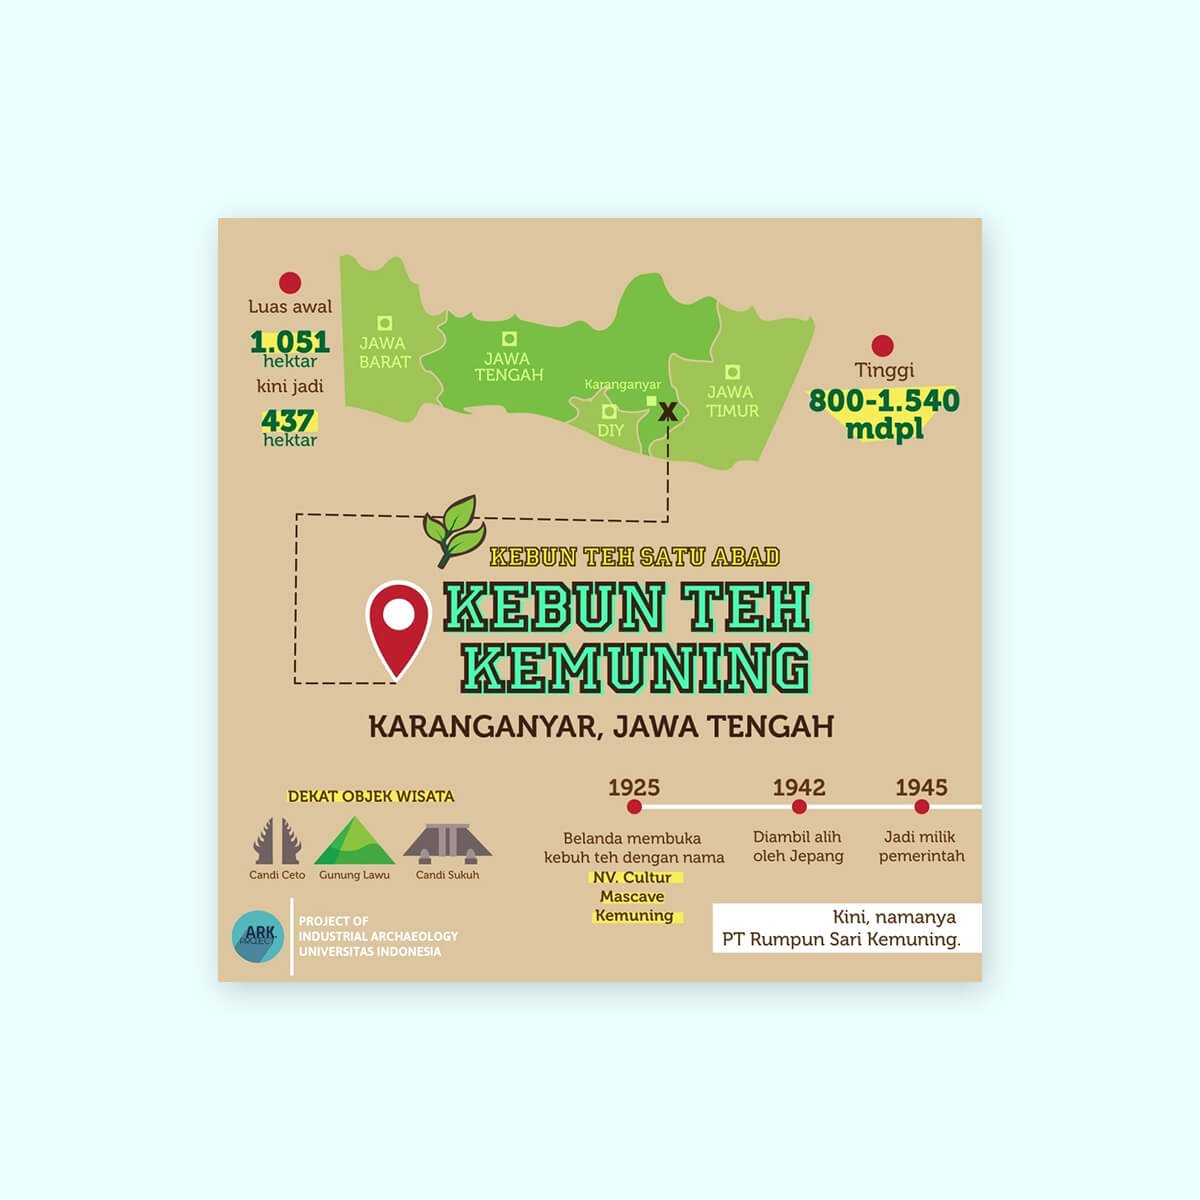 Desain Prita - Infografis Kebun Teh Kemuning